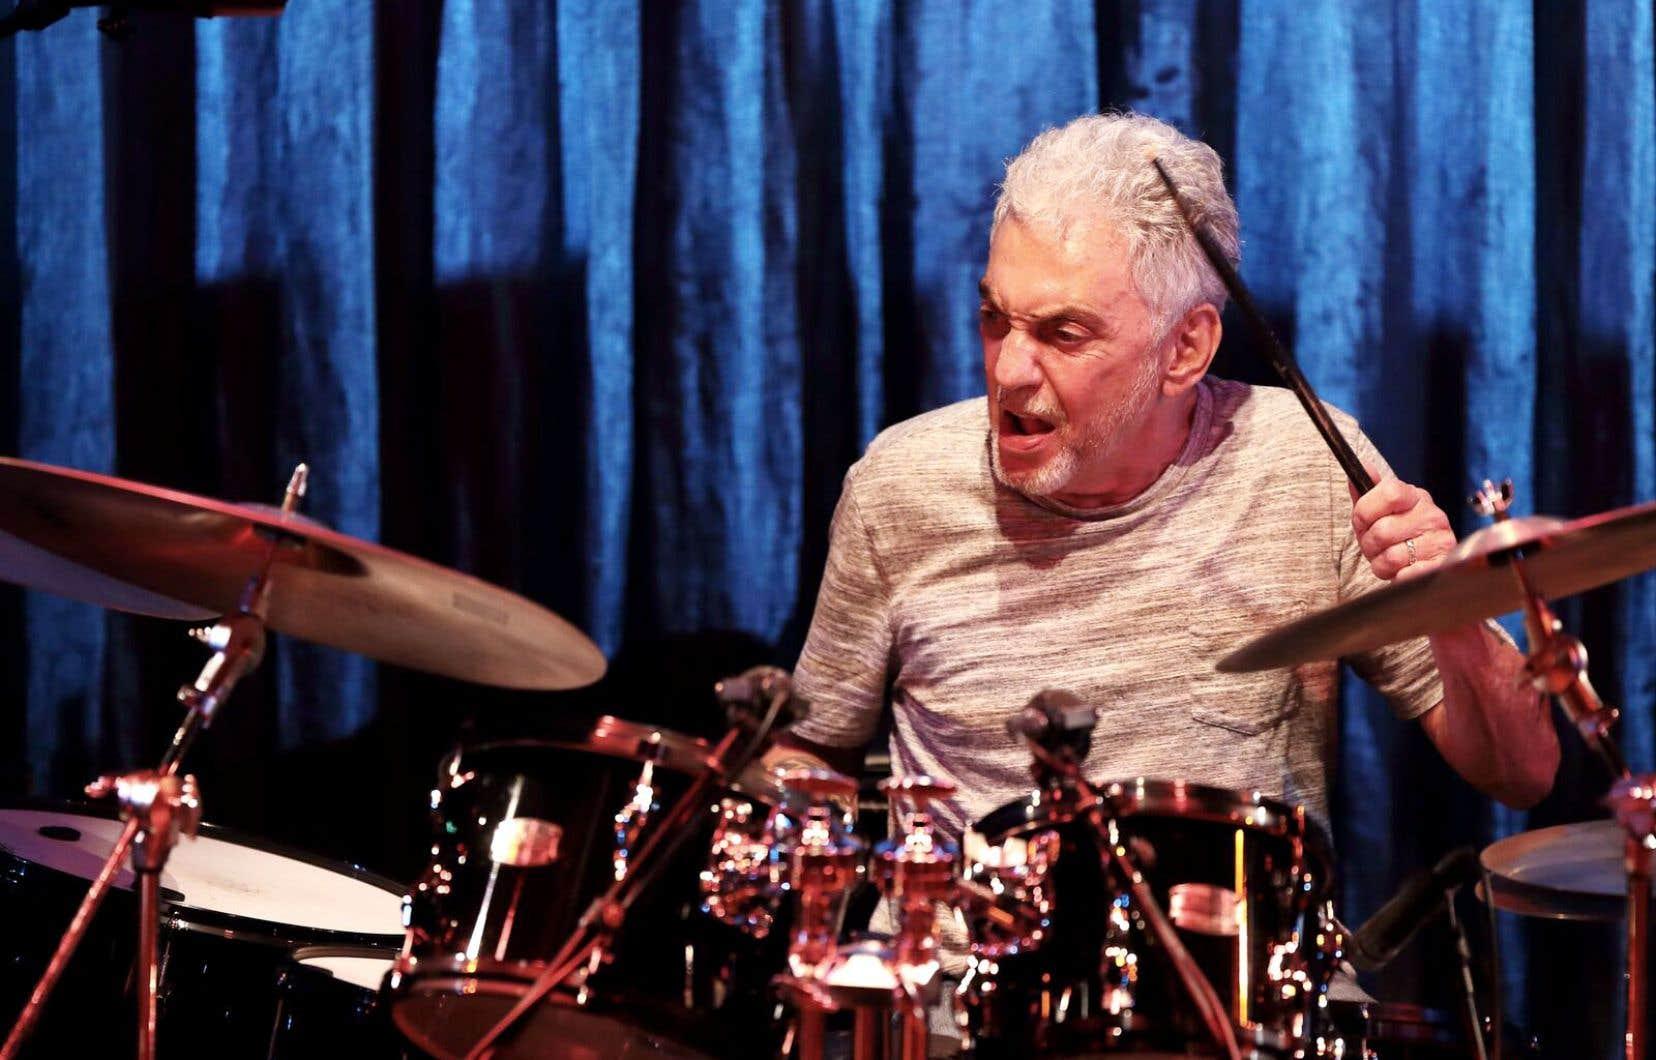 Né en 1945 à New York, le batteur Steve Gadd baigne dans le jazz depuis son enfance.